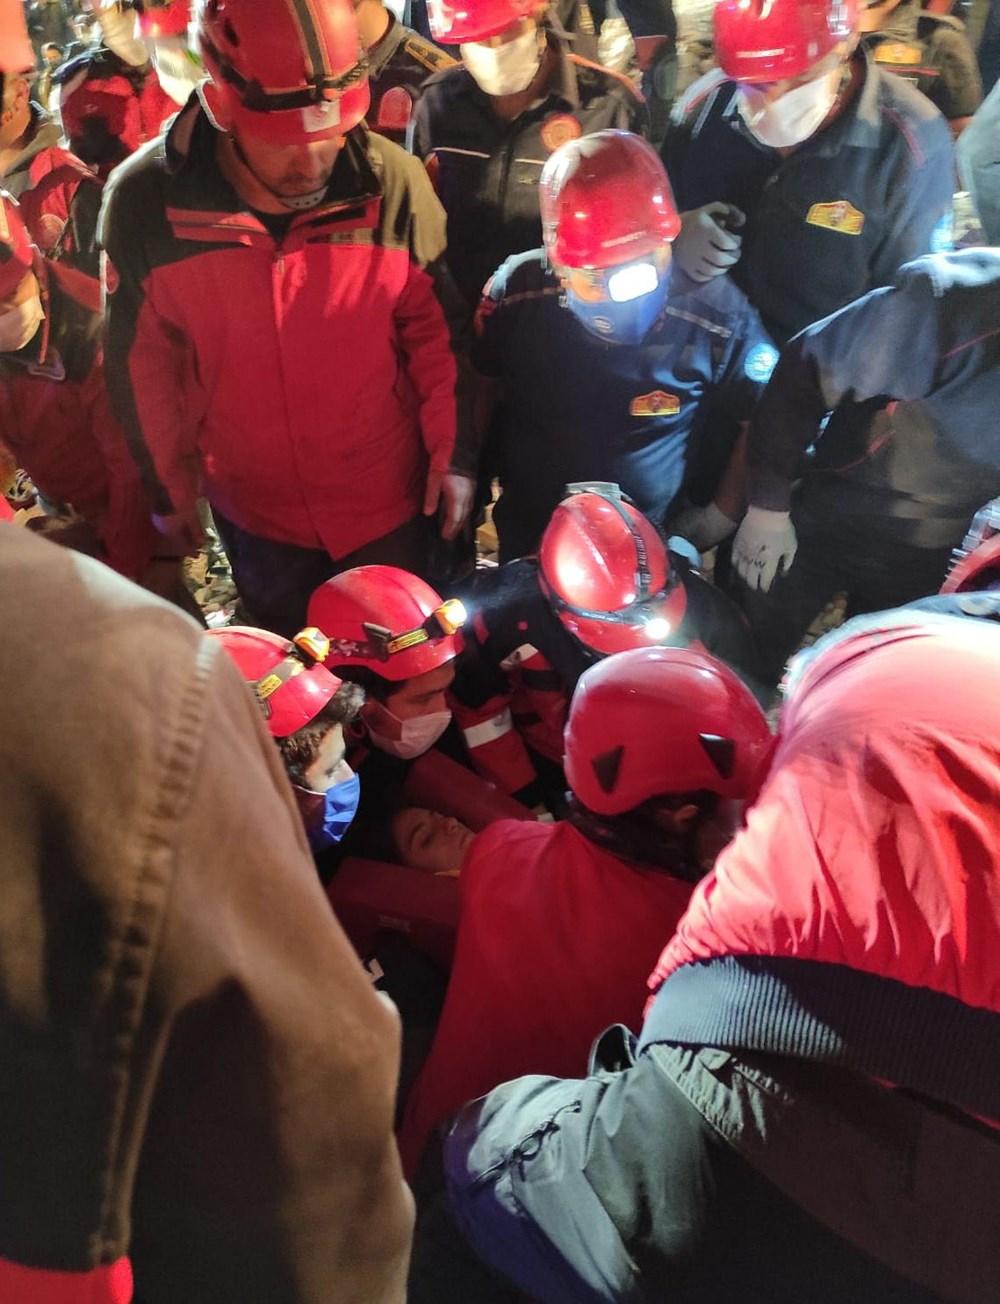 İzmir'de deprem sonrası enkaz altındakiler için zamana karşı yarış (58 saat sonra kurtarıldı) - 5